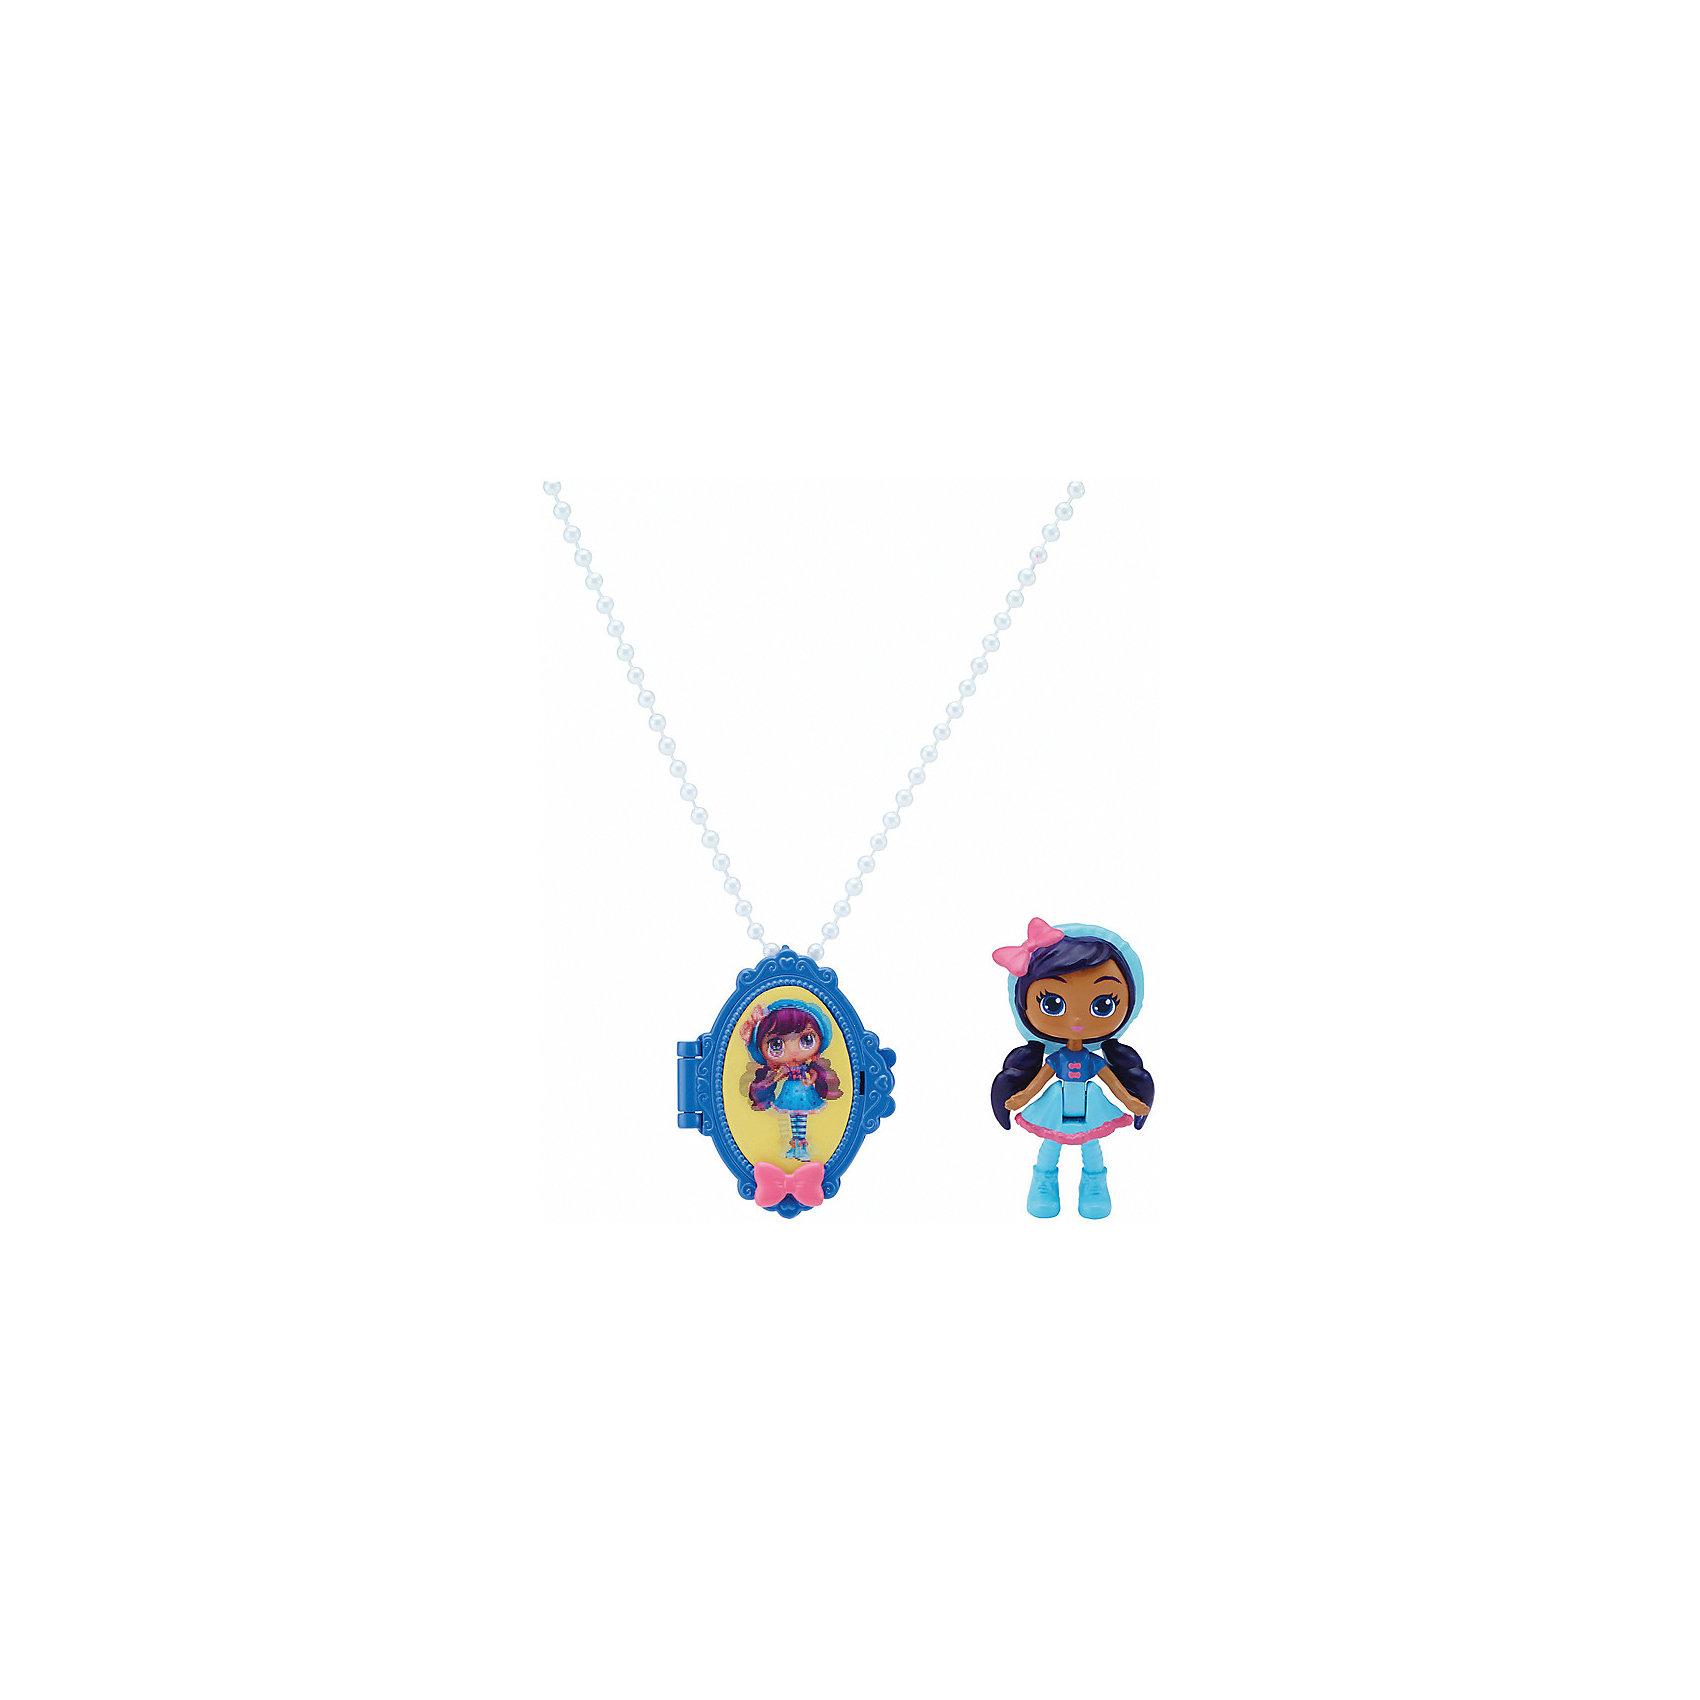 Кулон с Лавендер, Маленькие волшебницы, Spin MasterМаленькие волшебницы<br>Аксессуар для девочек, полюбивших мультфильм «Маленькие волшебницы». Кулон на бисерной нитке украшен портретом одной из героинь Little Charmers, Лавендер. Входящая в комплект миниатюрная куколка Лавендер – это пластиковая минифигурка, у которой шарнирные конечности, поднимаются ручки и ножки, поворачивается голова. Волосы и платьице выполнено из пластика. Кулон открывается, внутрь можно поместить фигурку Лавендер.<br><br>Размер упаковки: 27х19х24 см<br>Вес упаковки: 250 г<br><br>Кулон с Лавендер, Маленькие волшебницы, Spin Master можно купить в нашем интернет-магазине.<br><br>Ширина мм: 190<br>Глубина мм: 30<br>Высота мм: 240<br>Вес г: 113<br>Возраст от месяцев: 36<br>Возраст до месяцев: 2147483647<br>Пол: Женский<br>Возраст: Детский<br>SKU: 5064318